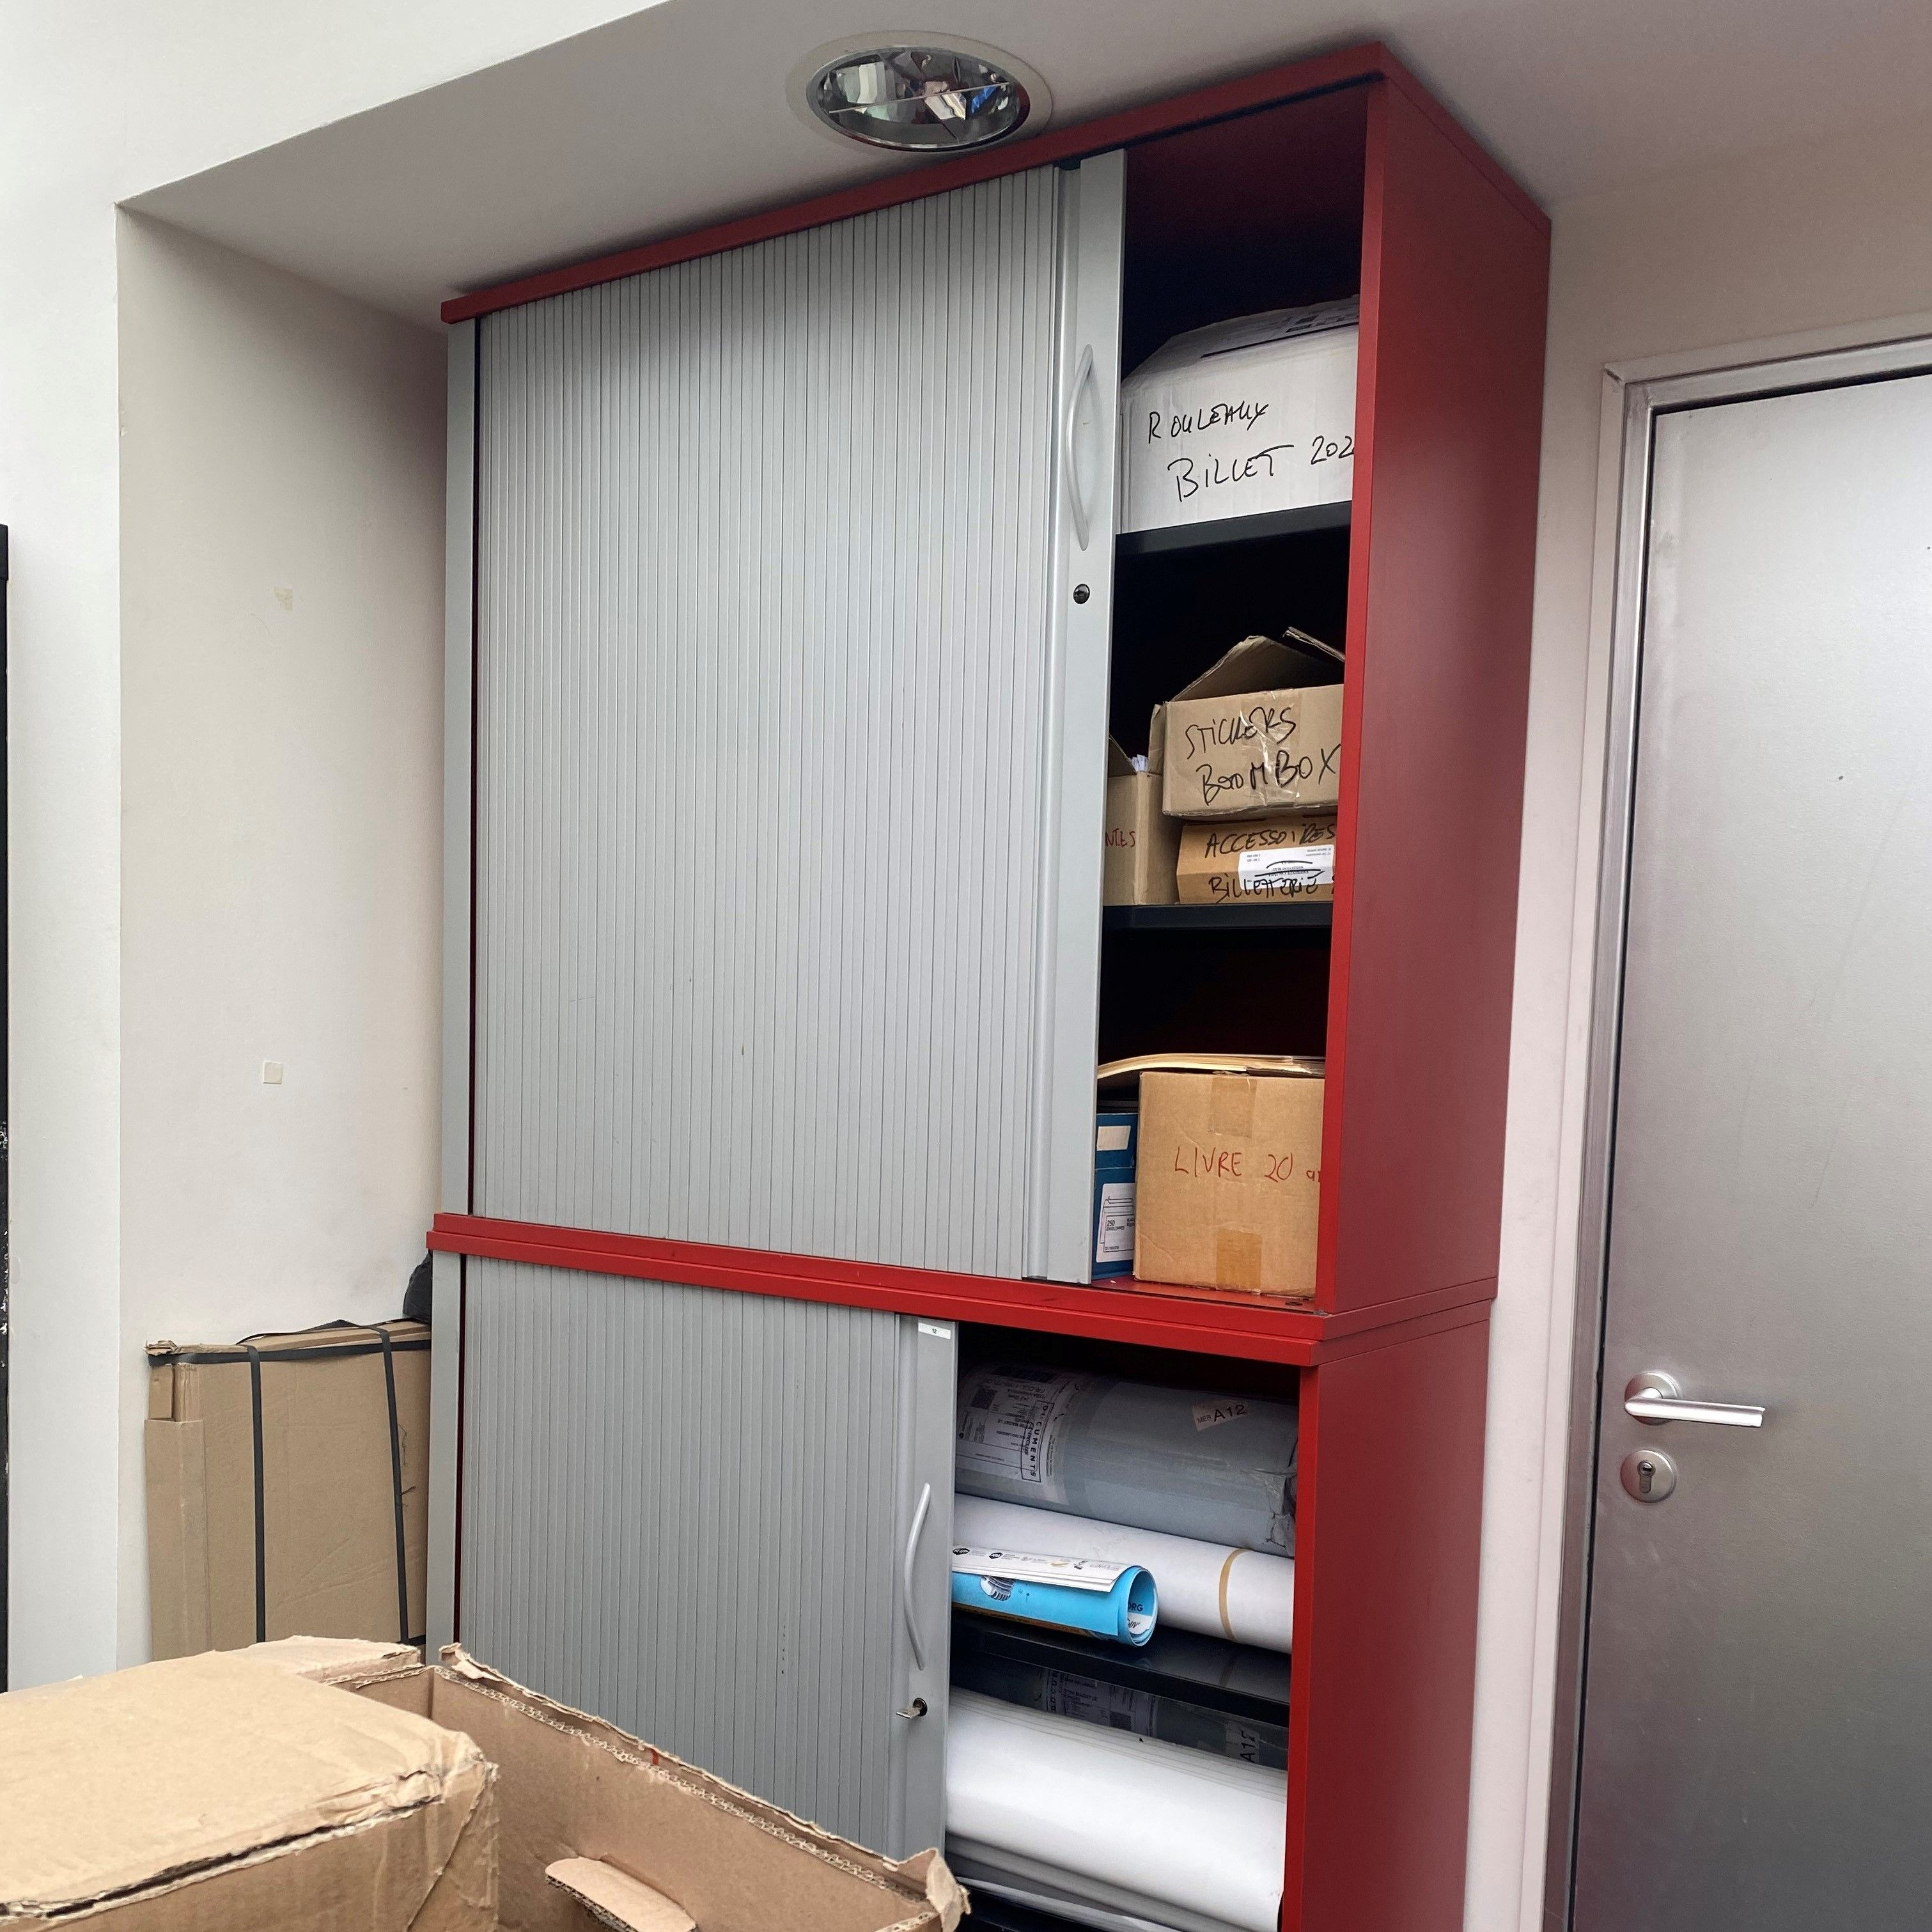 File7 s'est équipé en mobilier en matériaux de récup' dans ses bureaux © DR